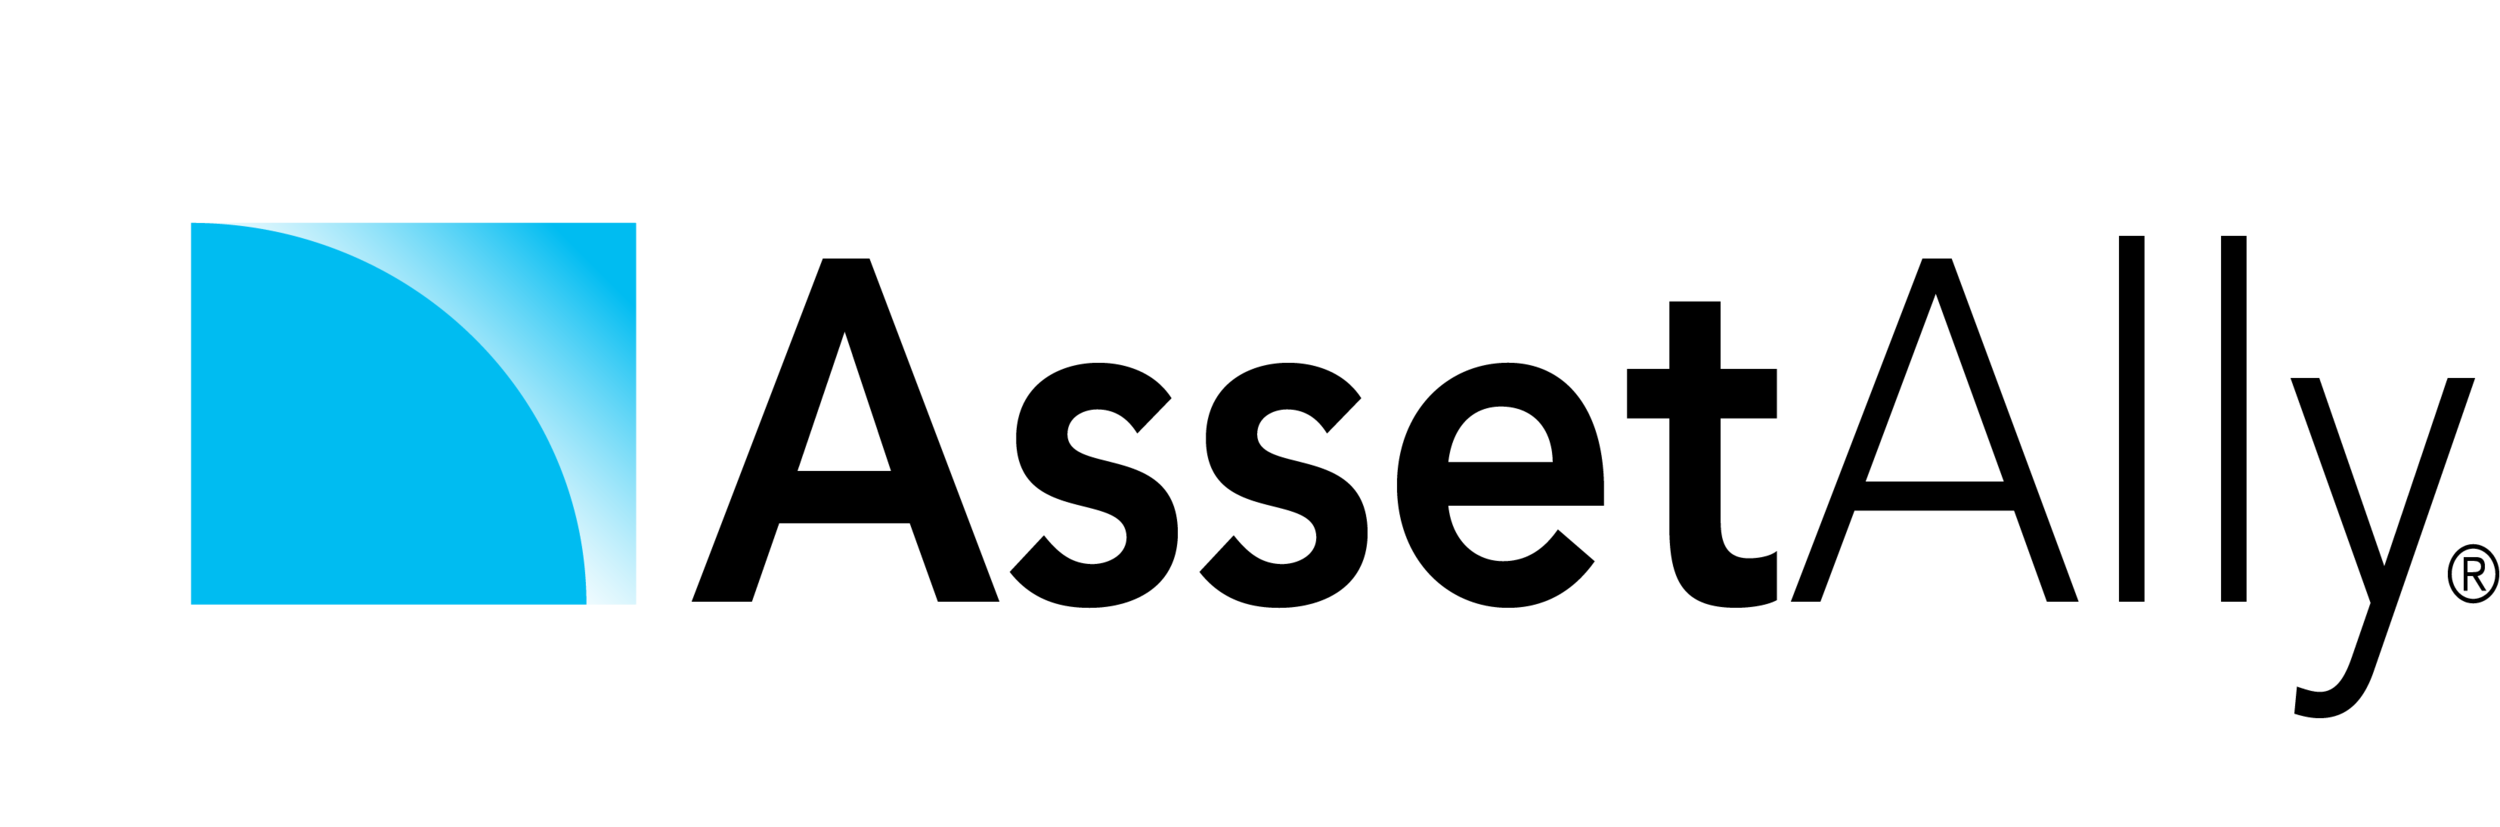 AssetAlly Black_Registered-Web.png